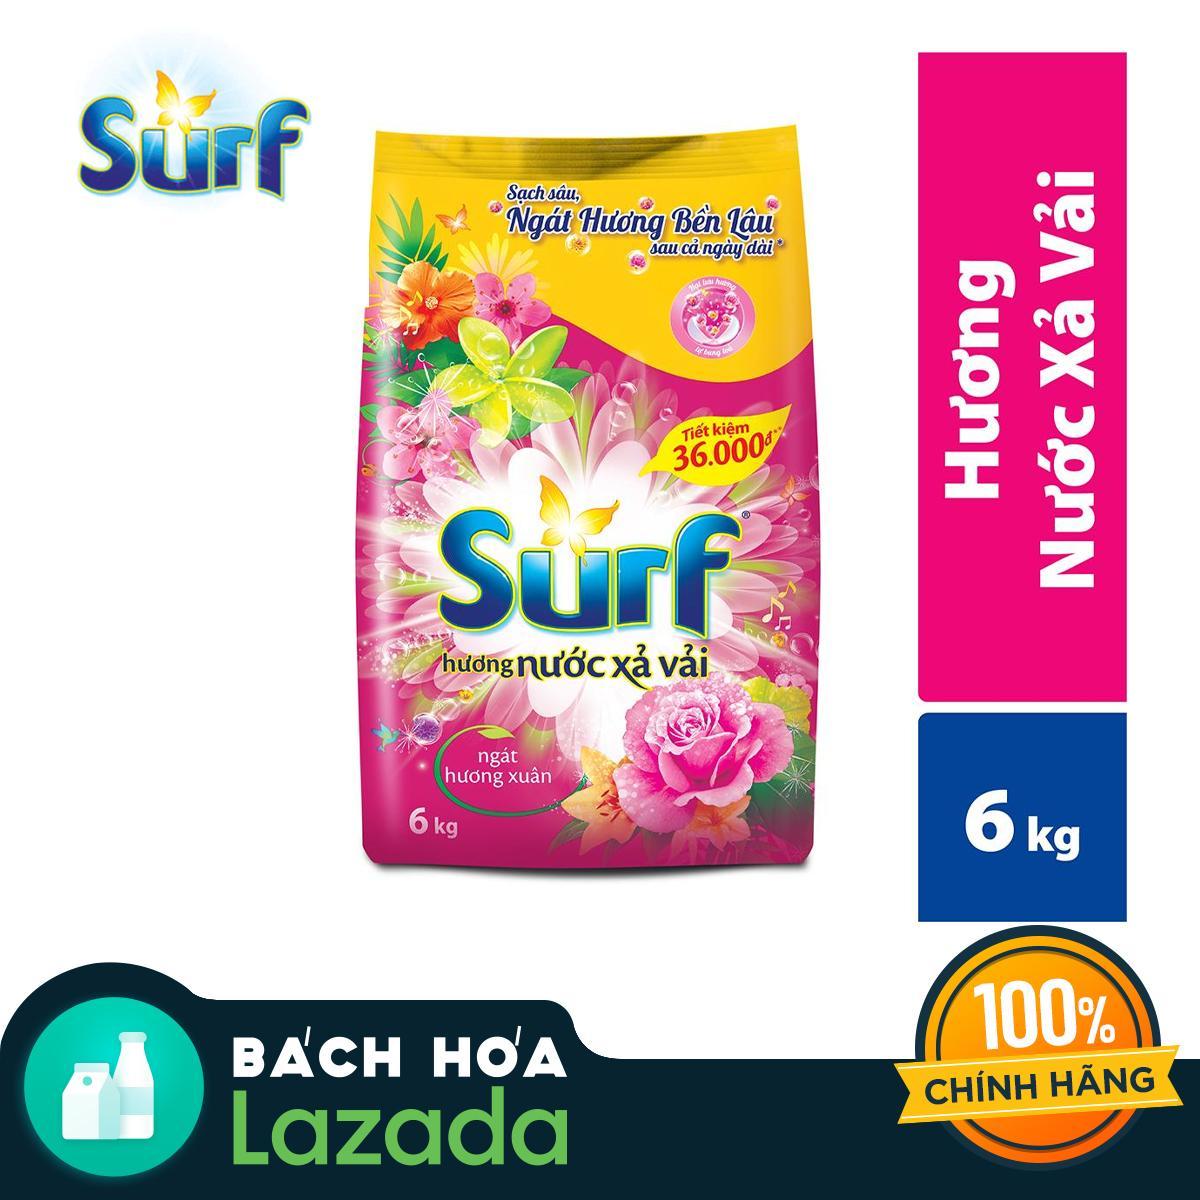 Giá Quá Tốt Để Mua Bột Giặt Surf Hương Nước Xả Vải Ngát Hương Xuân 6kg